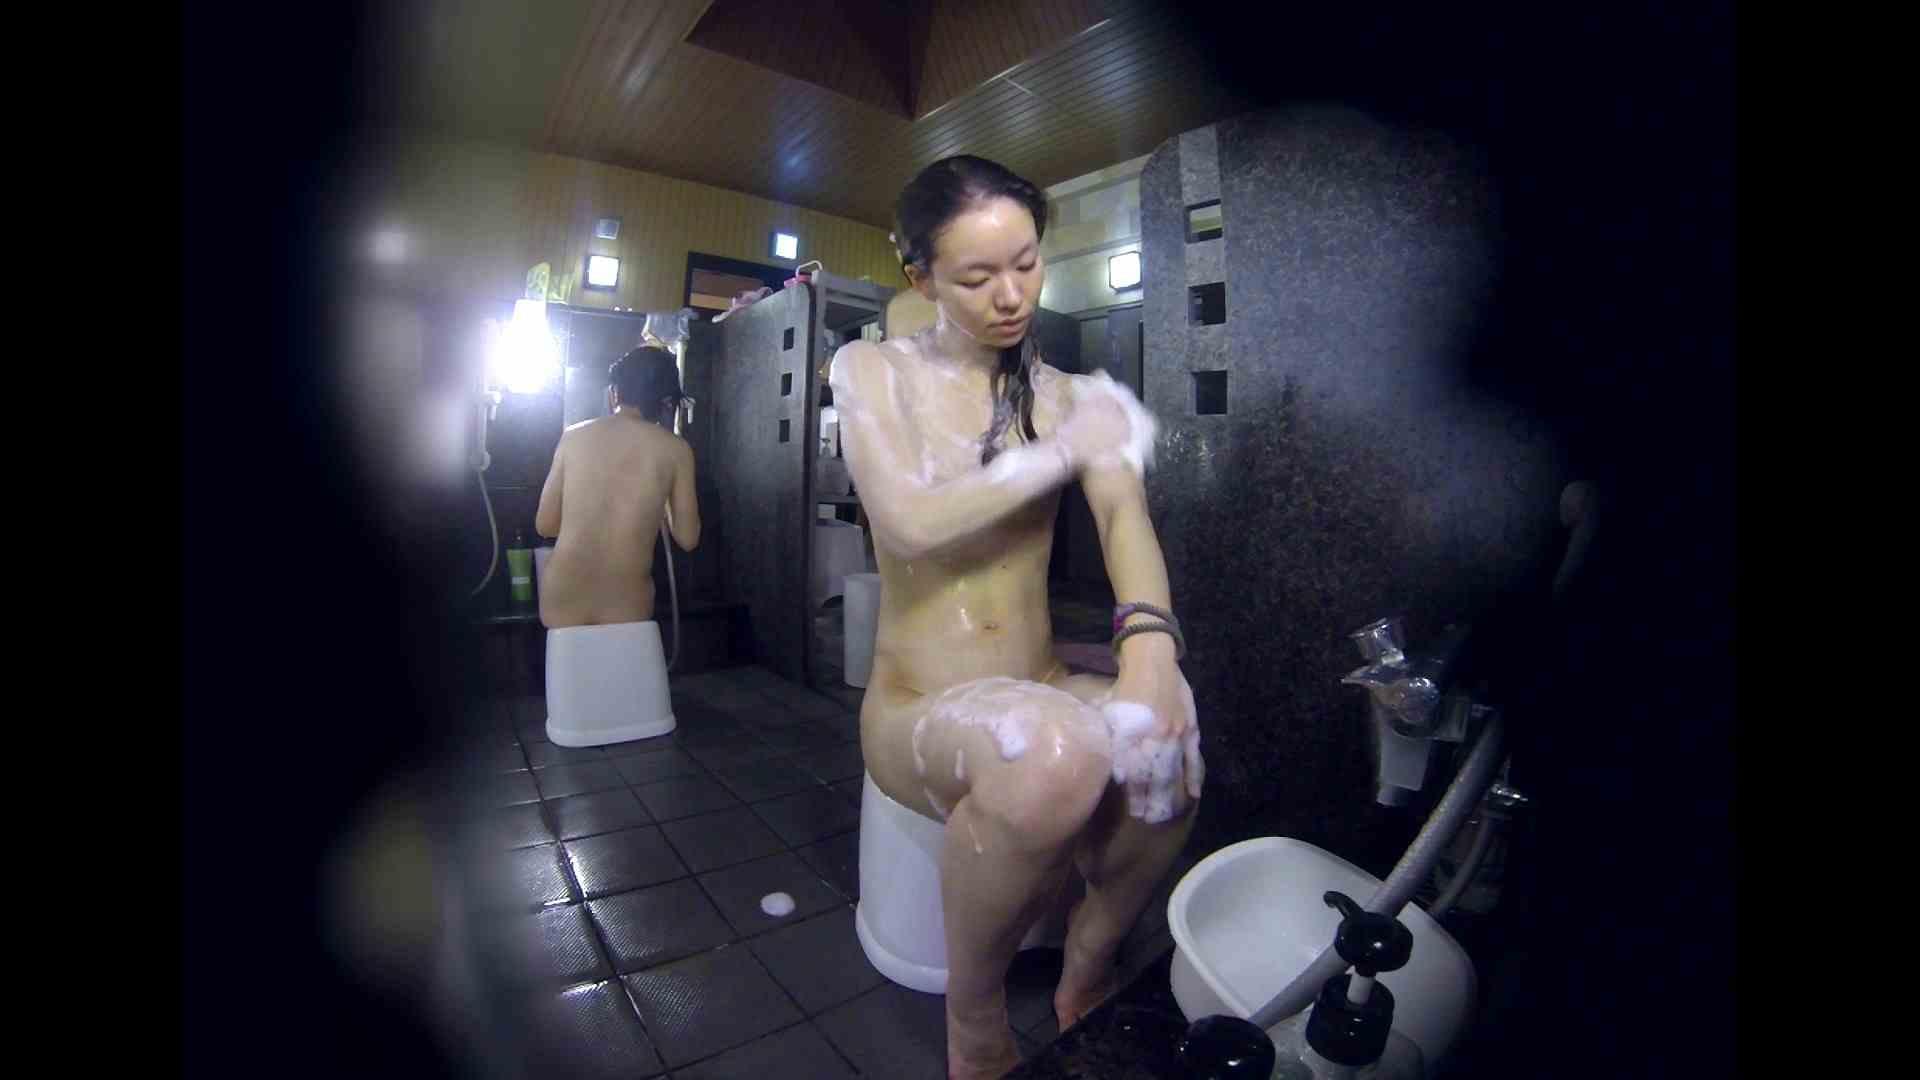 無修正エロ動画:洗い場!可愛い?ブサイク?確かなのは貧乳であること:怪盗ジョーカー